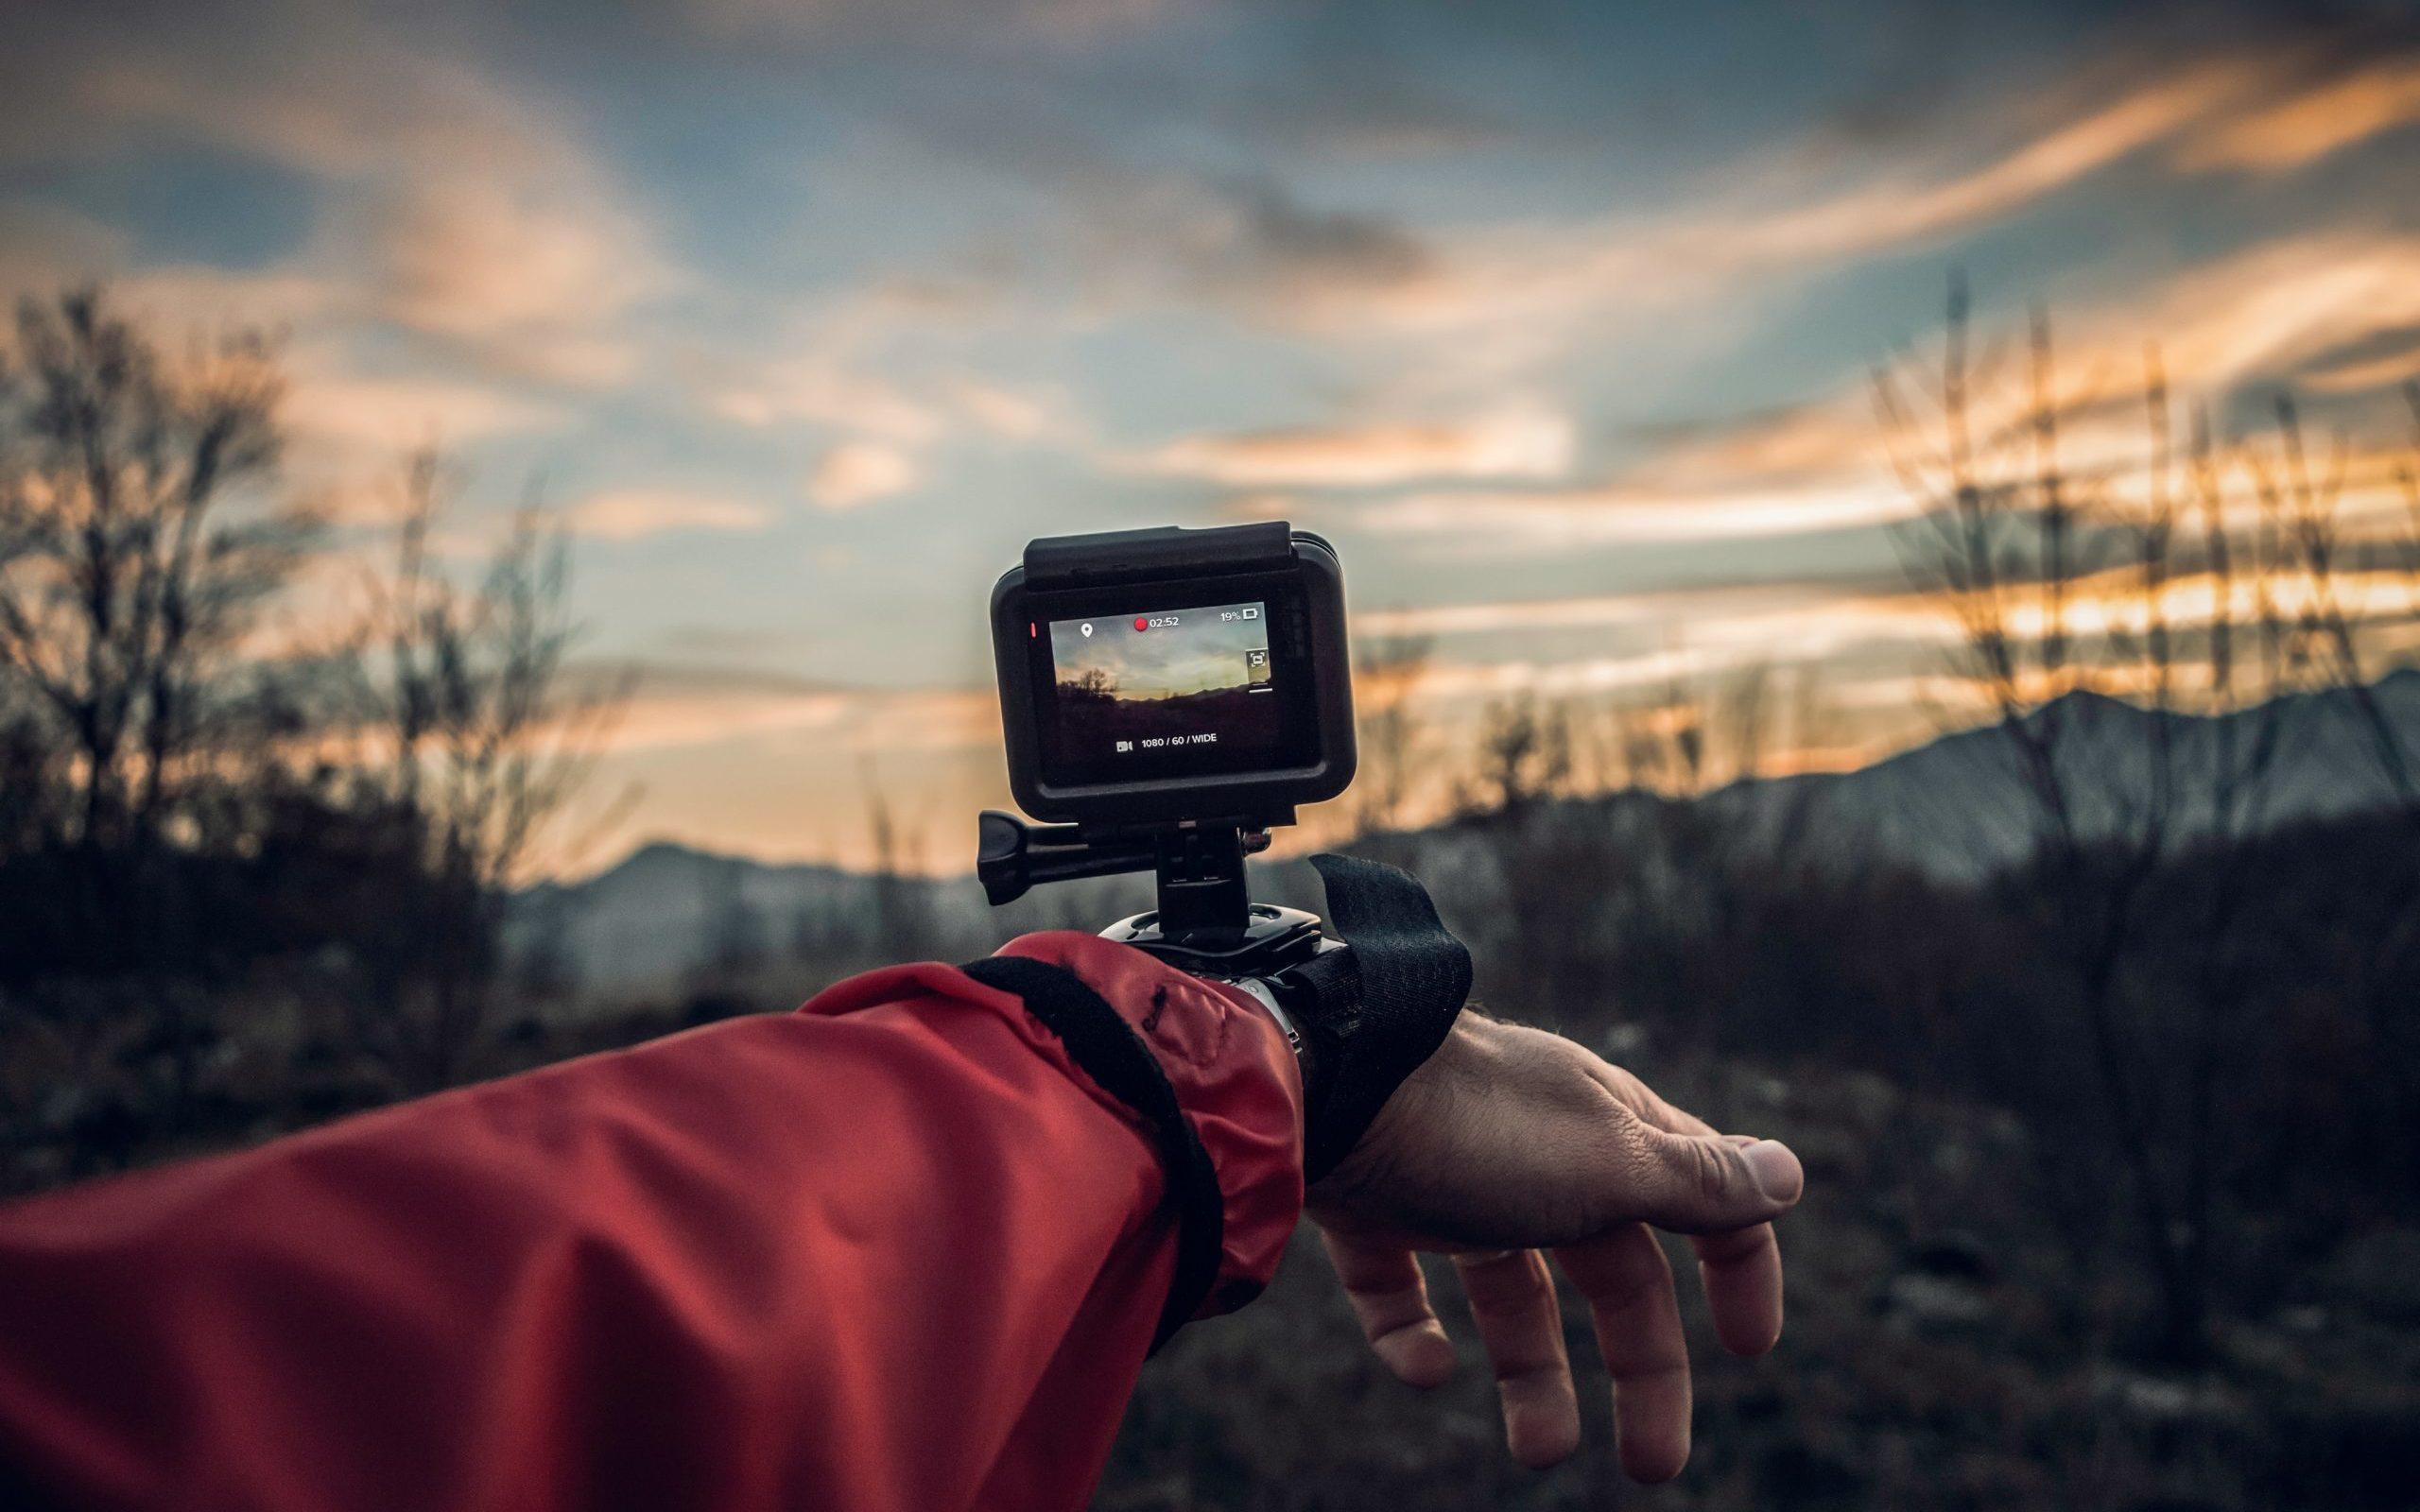 アクションカメラ(GoPro)